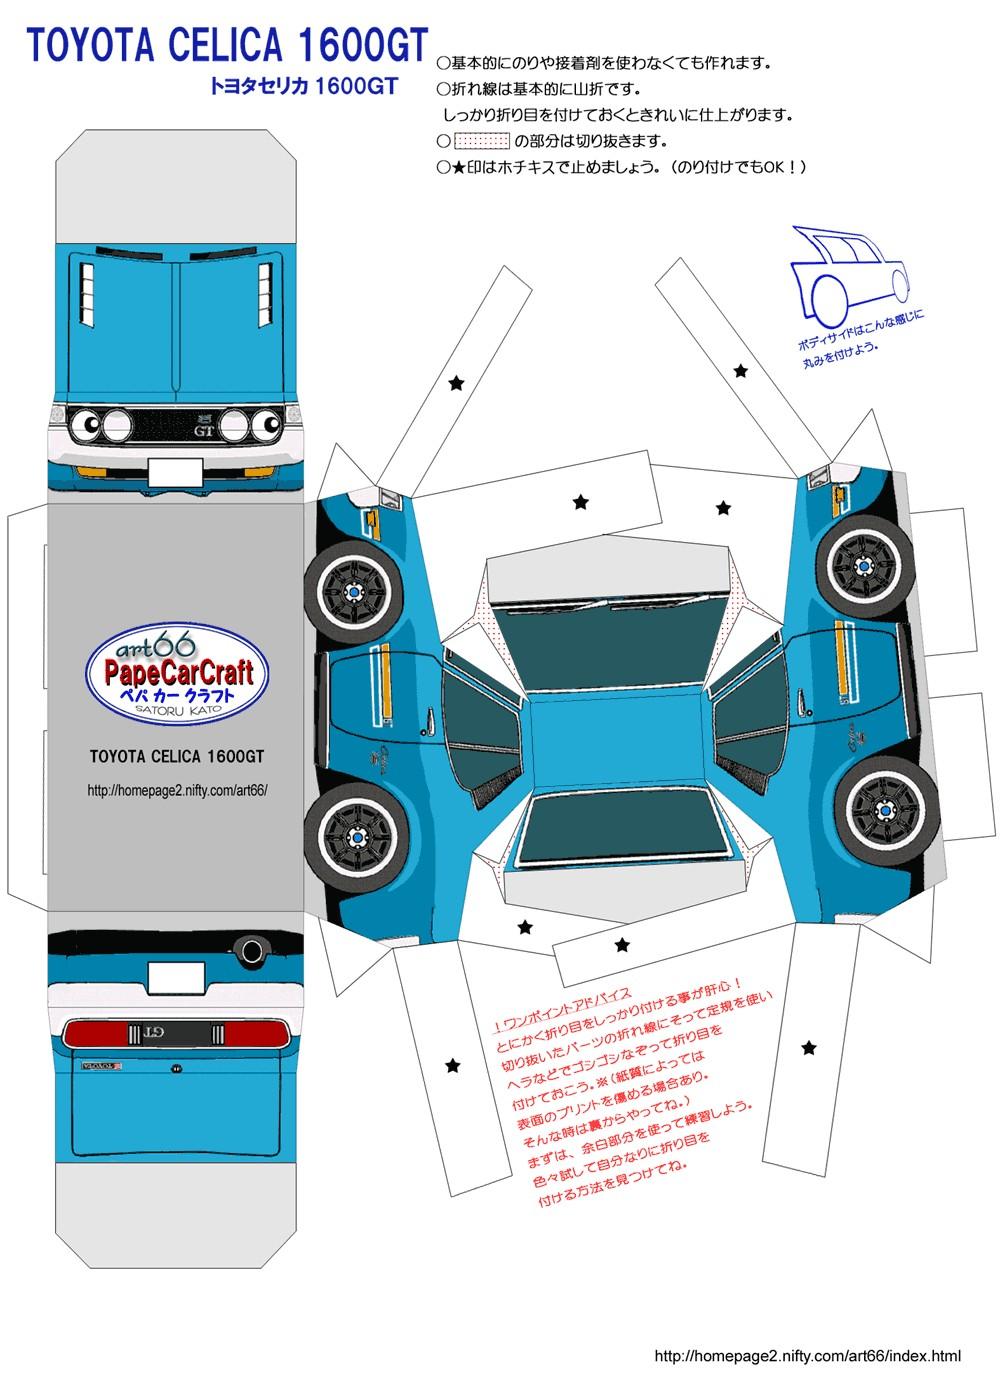 Toyota Papercraft Imprima Recorte E Cole Seu Papercraft De Carro ´nibus Ou Caminh£o